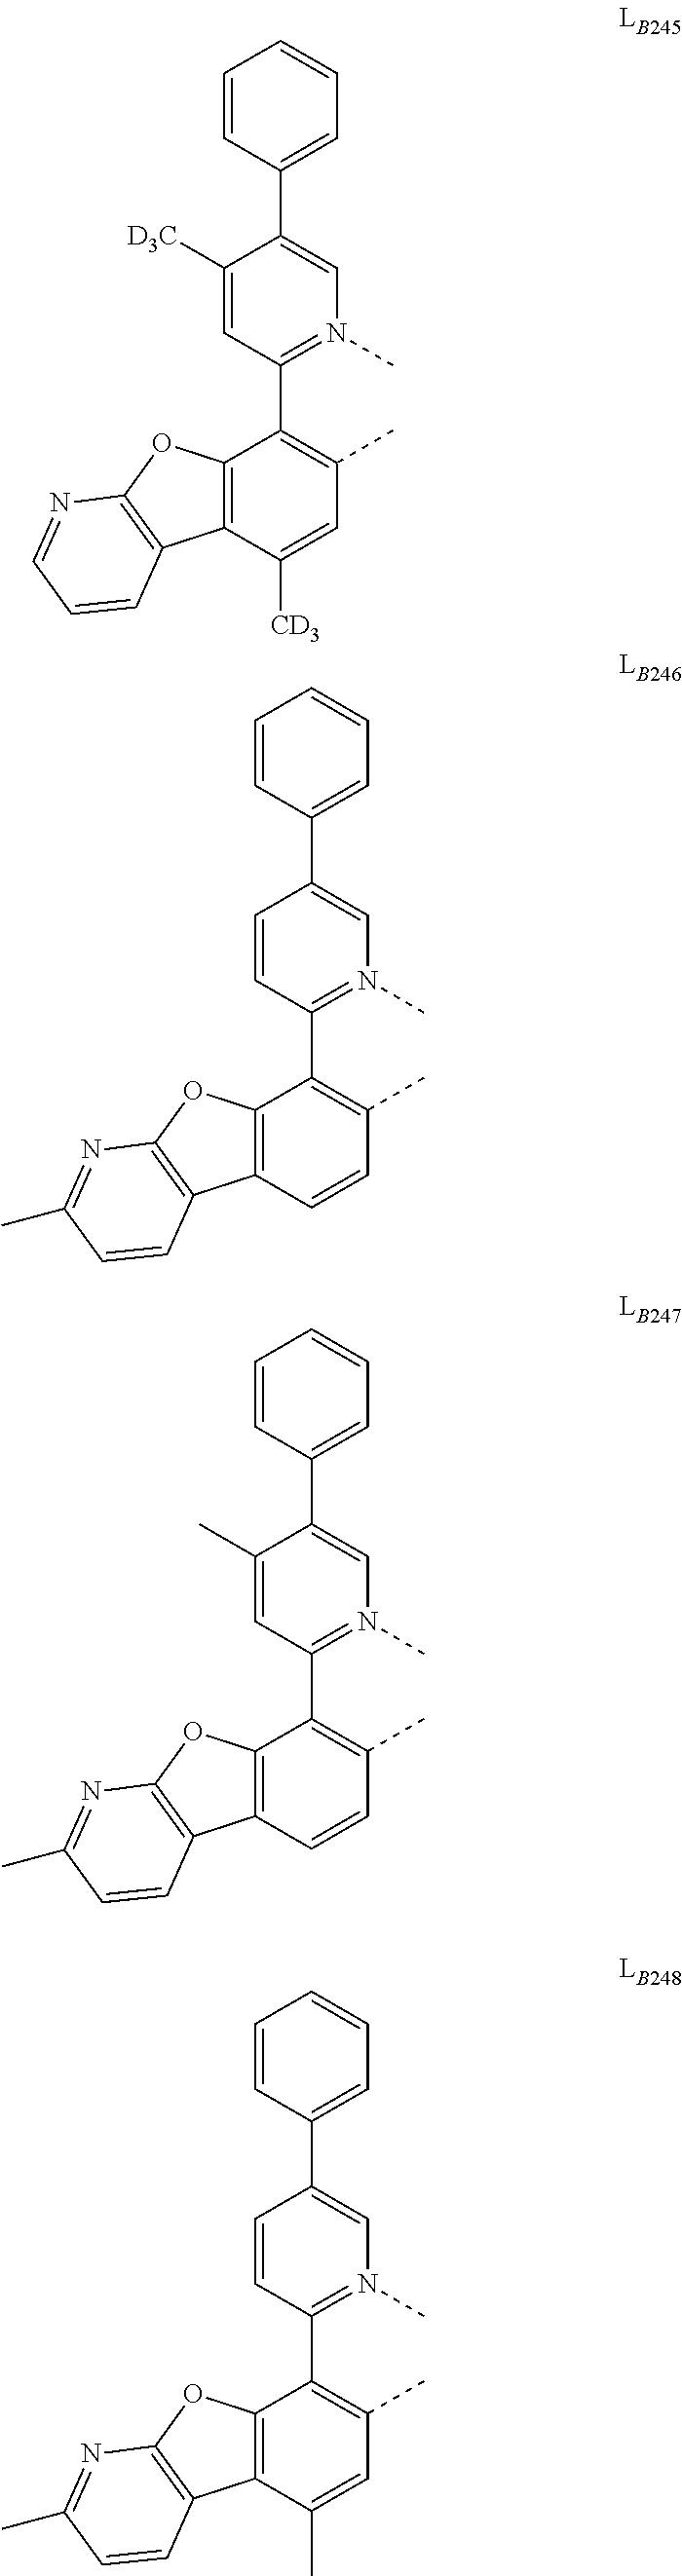 Figure US20180130962A1-20180510-C00310